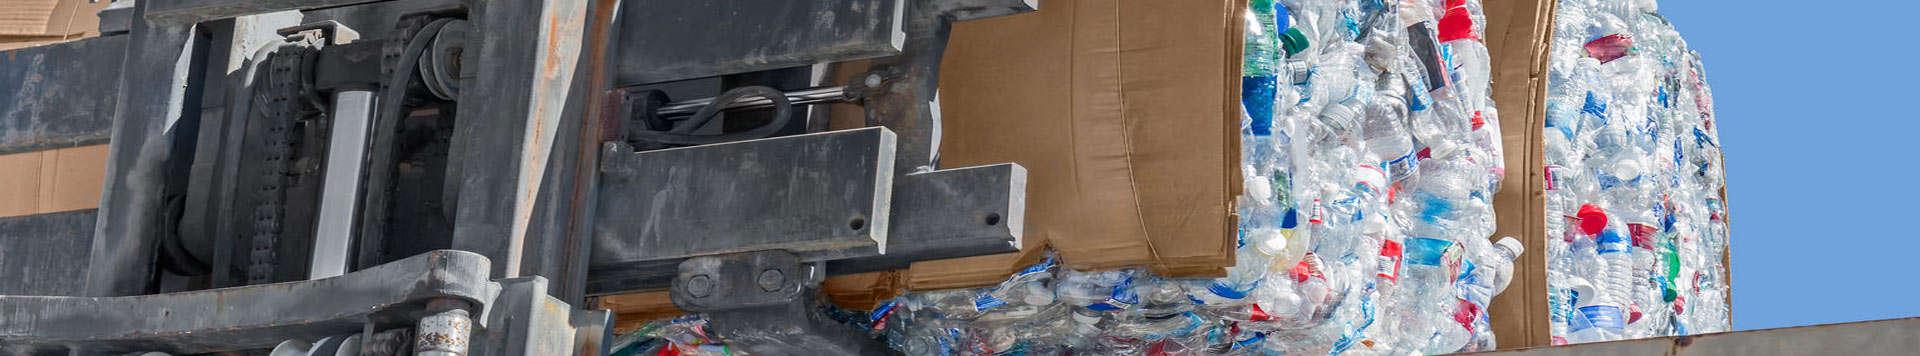 Contenedores de reciclaje de residuos